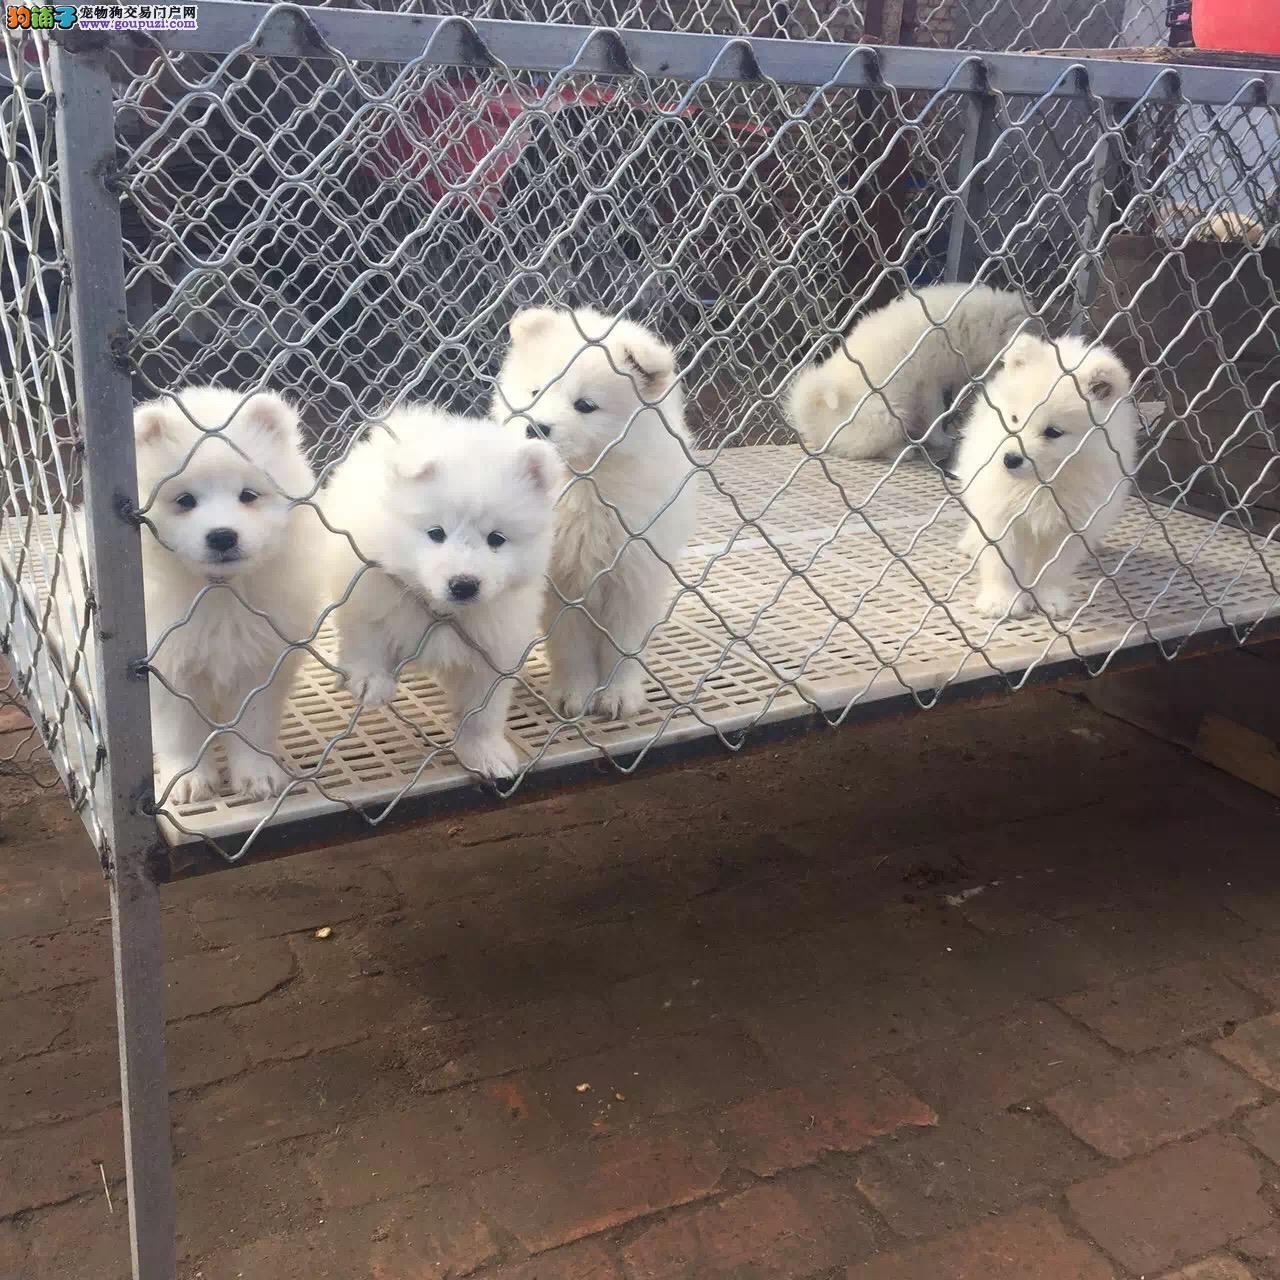 西伯利亚纯种血系萨摩耶雪橇犬一正规犬舍繁殖一包活